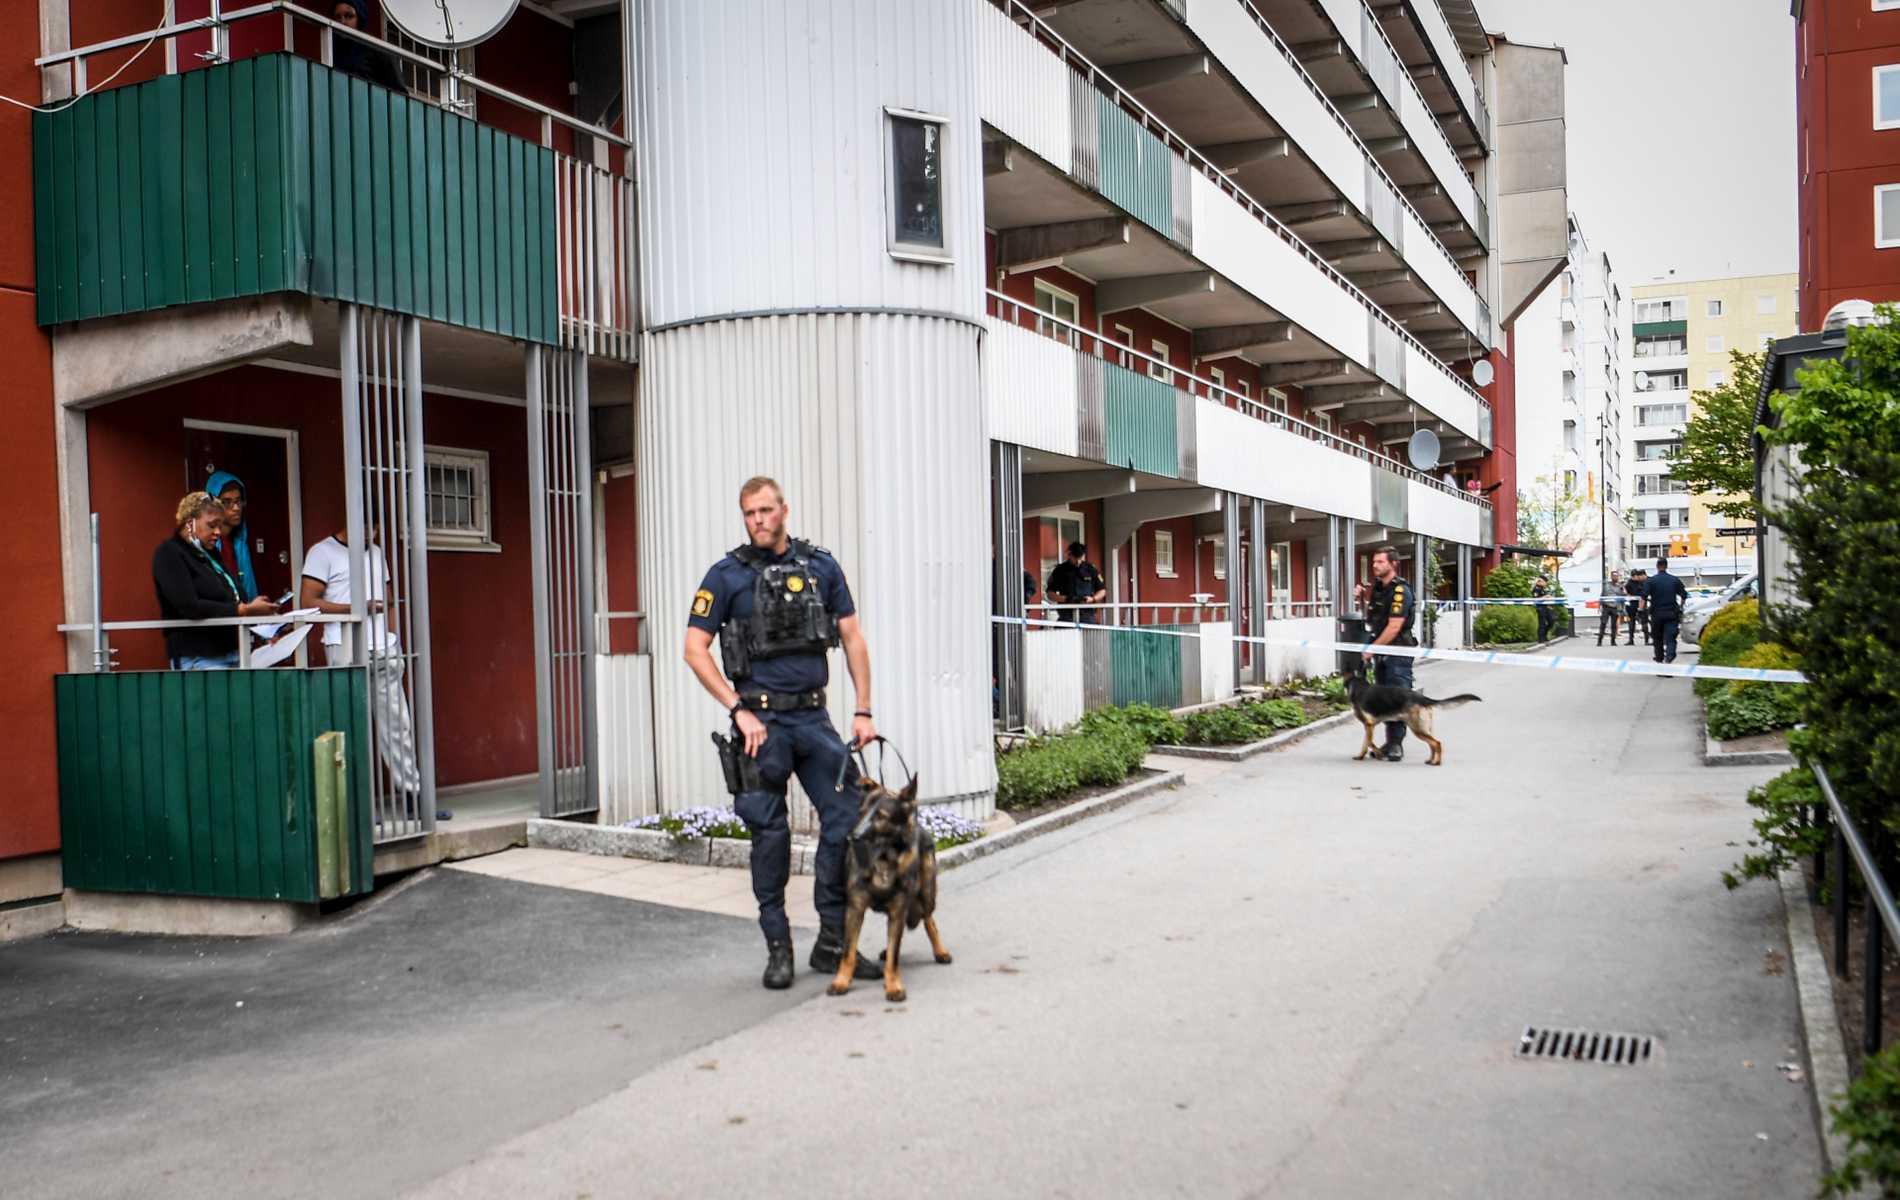 Polis på plats i Husby i nordvästra Stockholm efter dödsskjutningen den 31 maj. Arkivbild.